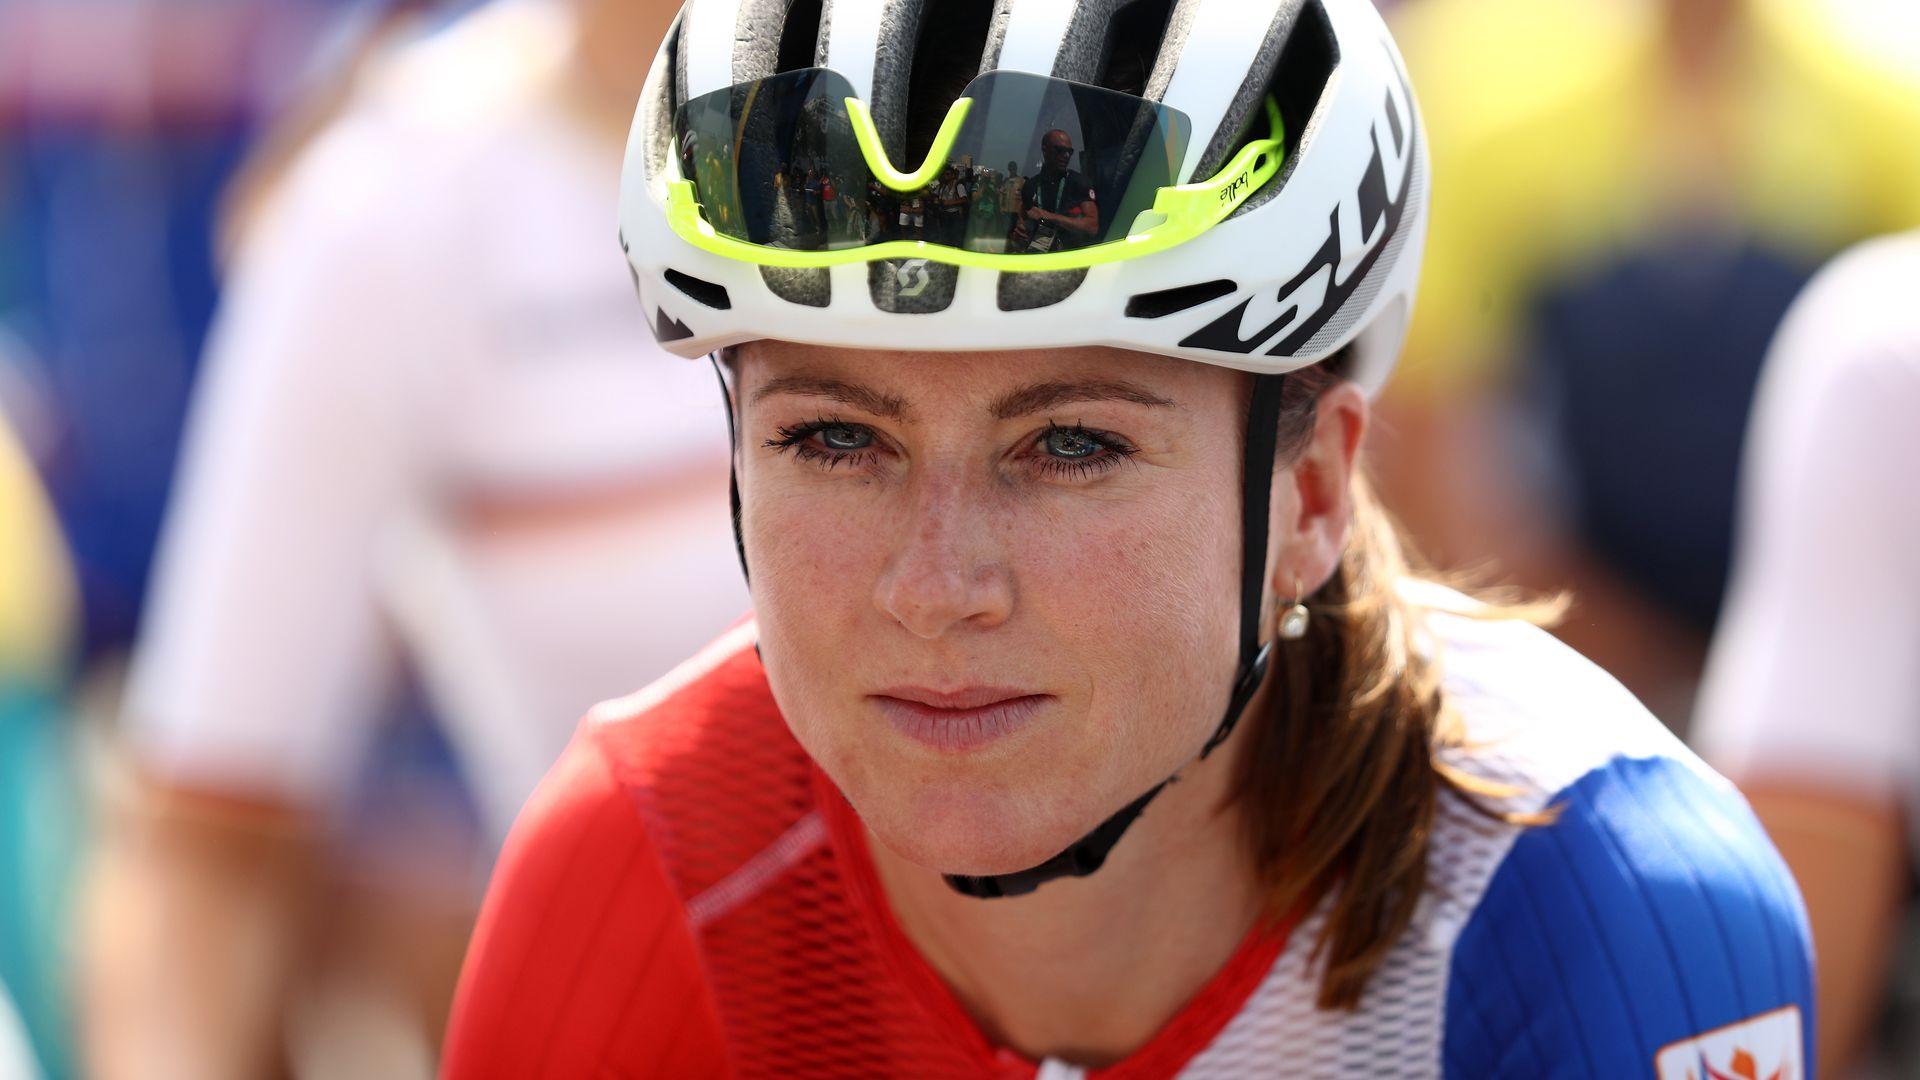 Schock-Moment Bei Olympia Radrennfahrerin Strzt Schwer -7400